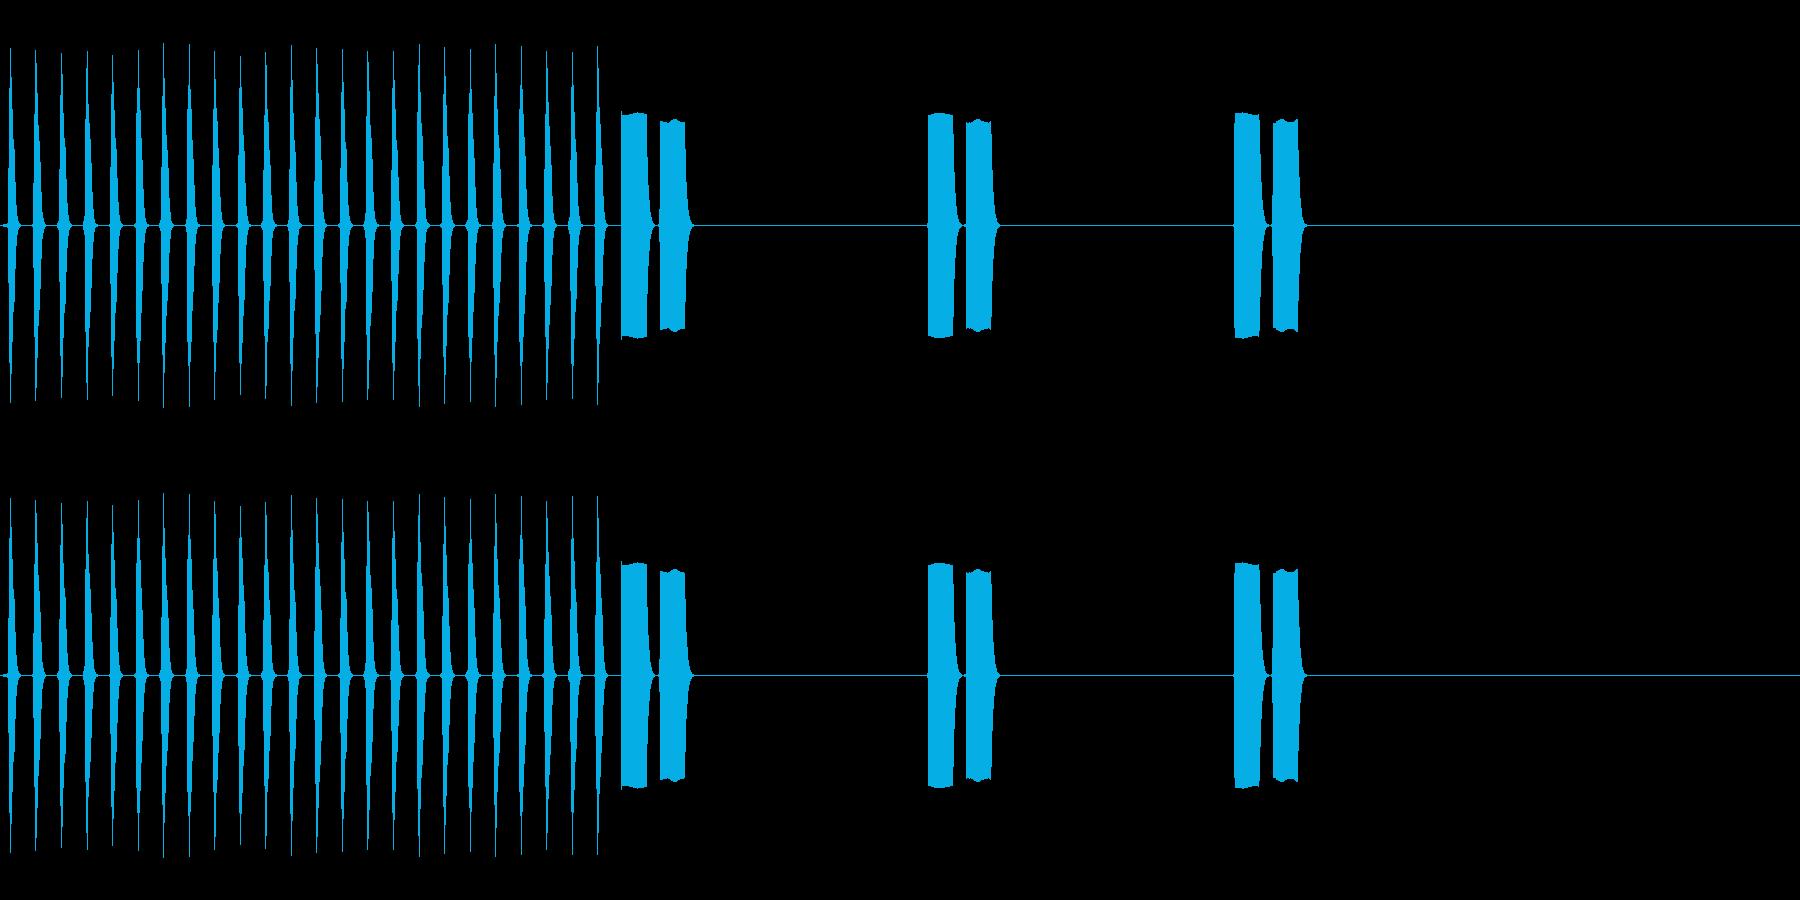 ビビビビピコン(探索→発見)の再生済みの波形